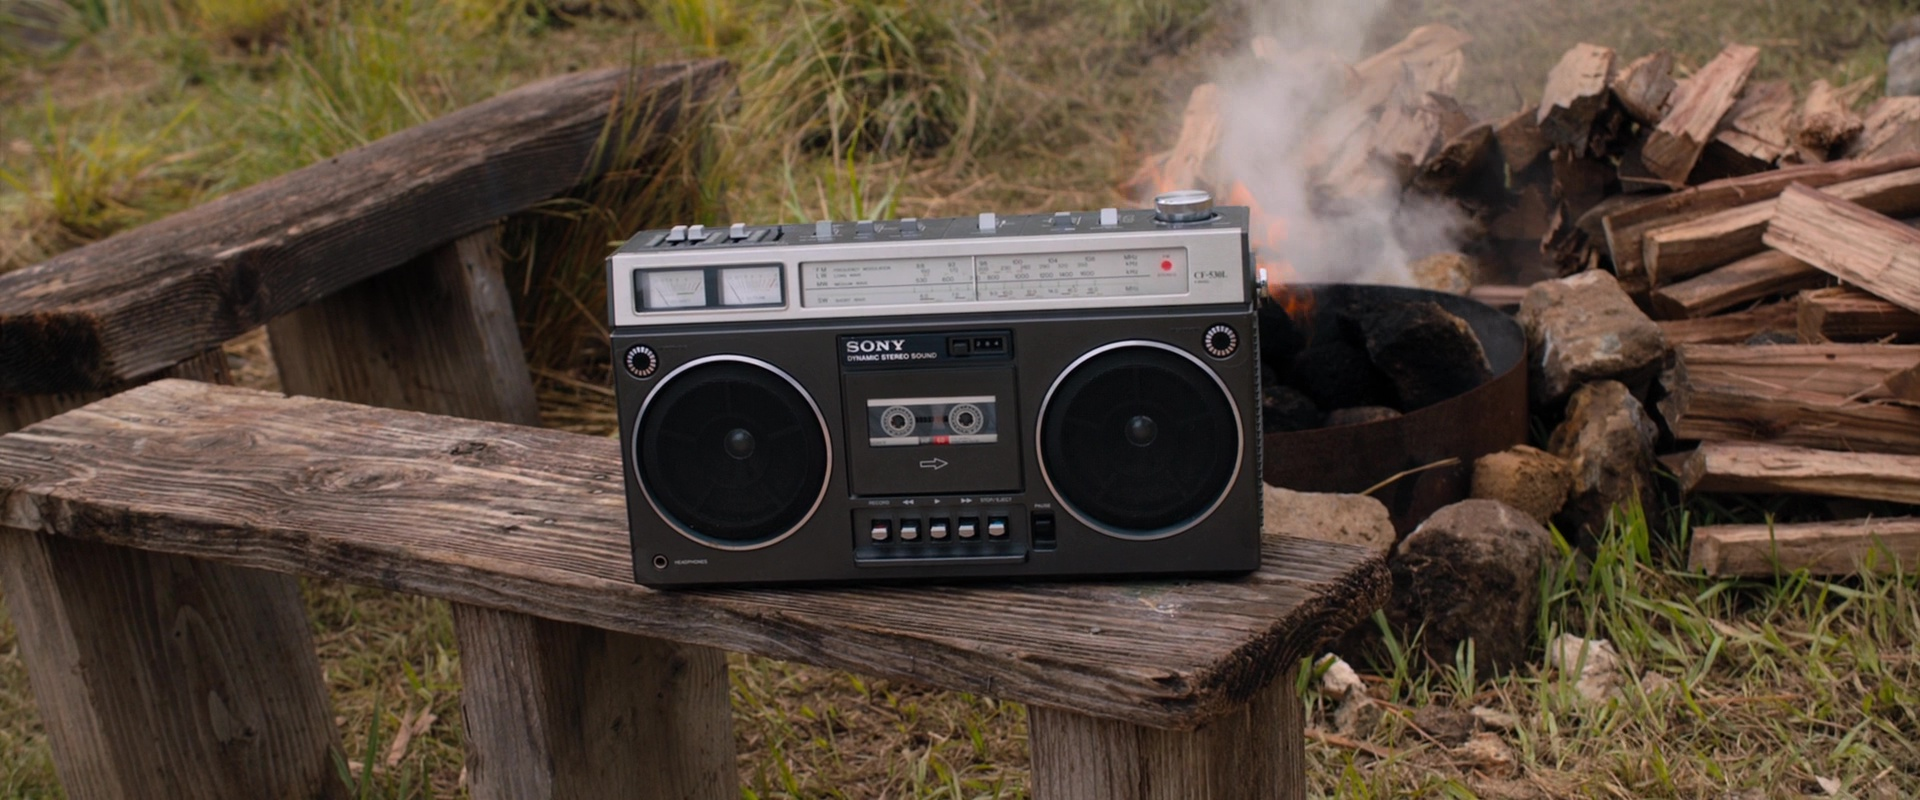 Sony Cassette Player Used By Karen Gillan In Jumanji